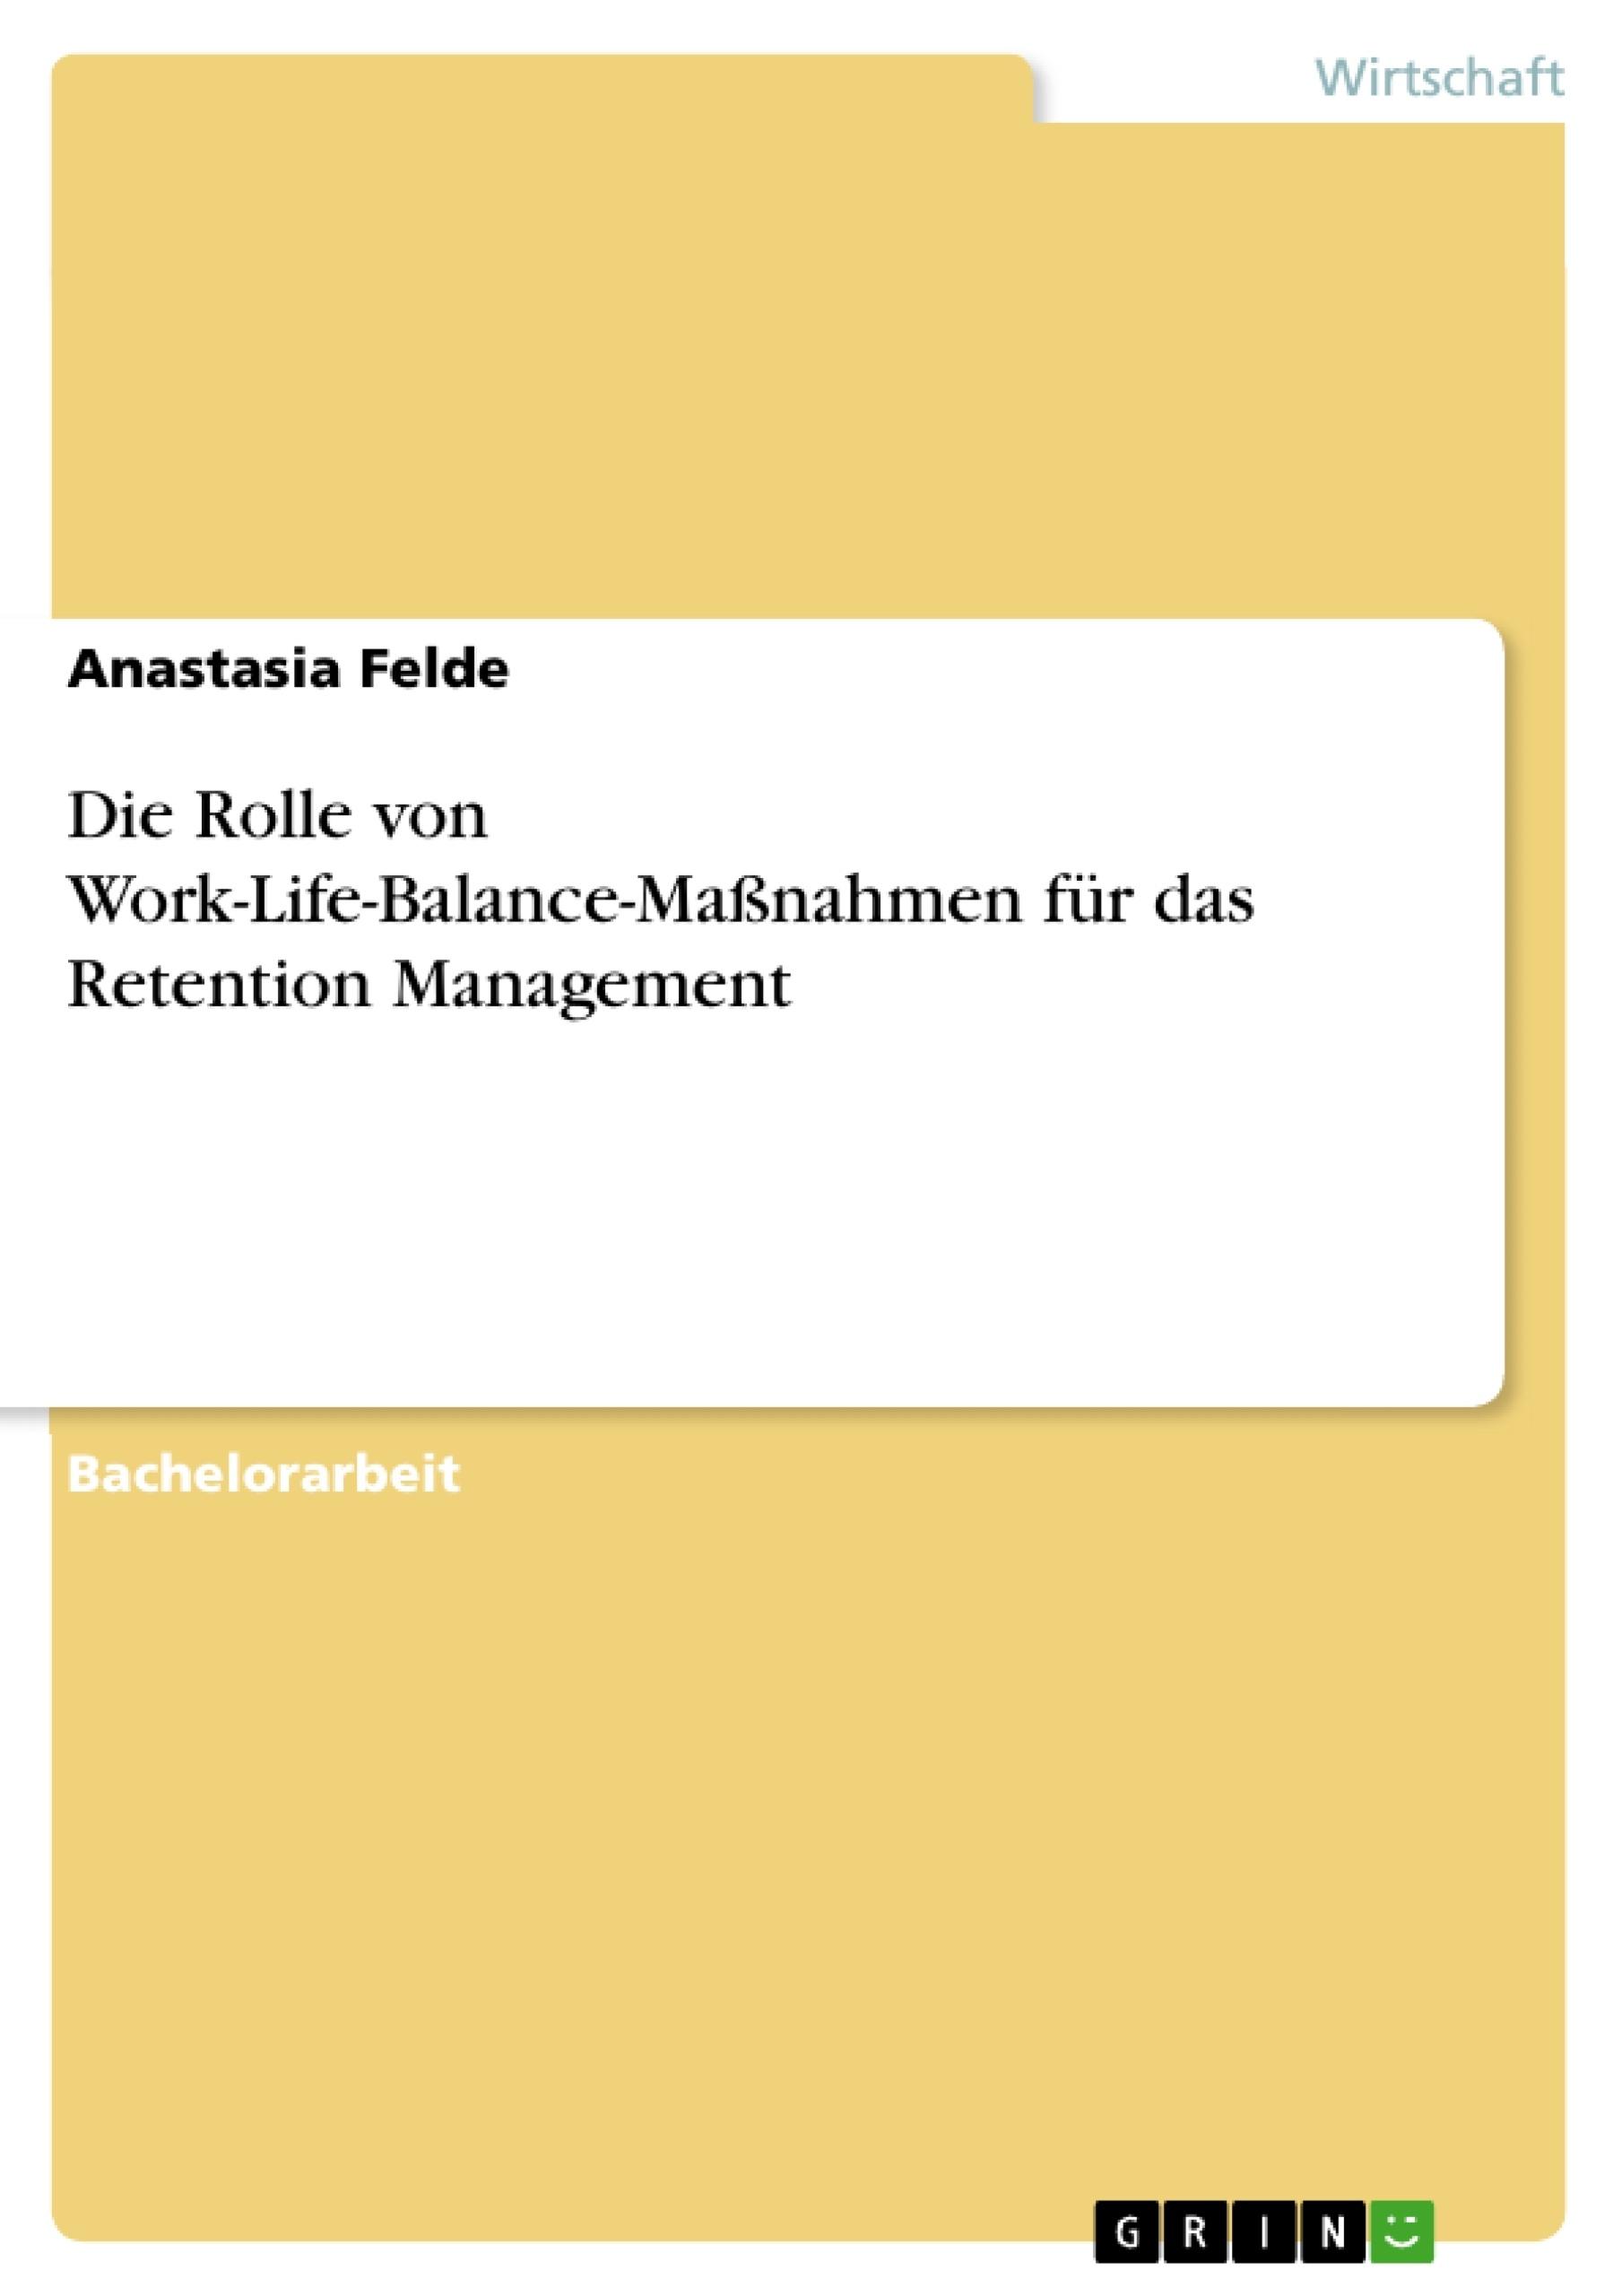 Titel: Die Rolle von Work-Life-Balance-Maßnahmen für das Retention Management